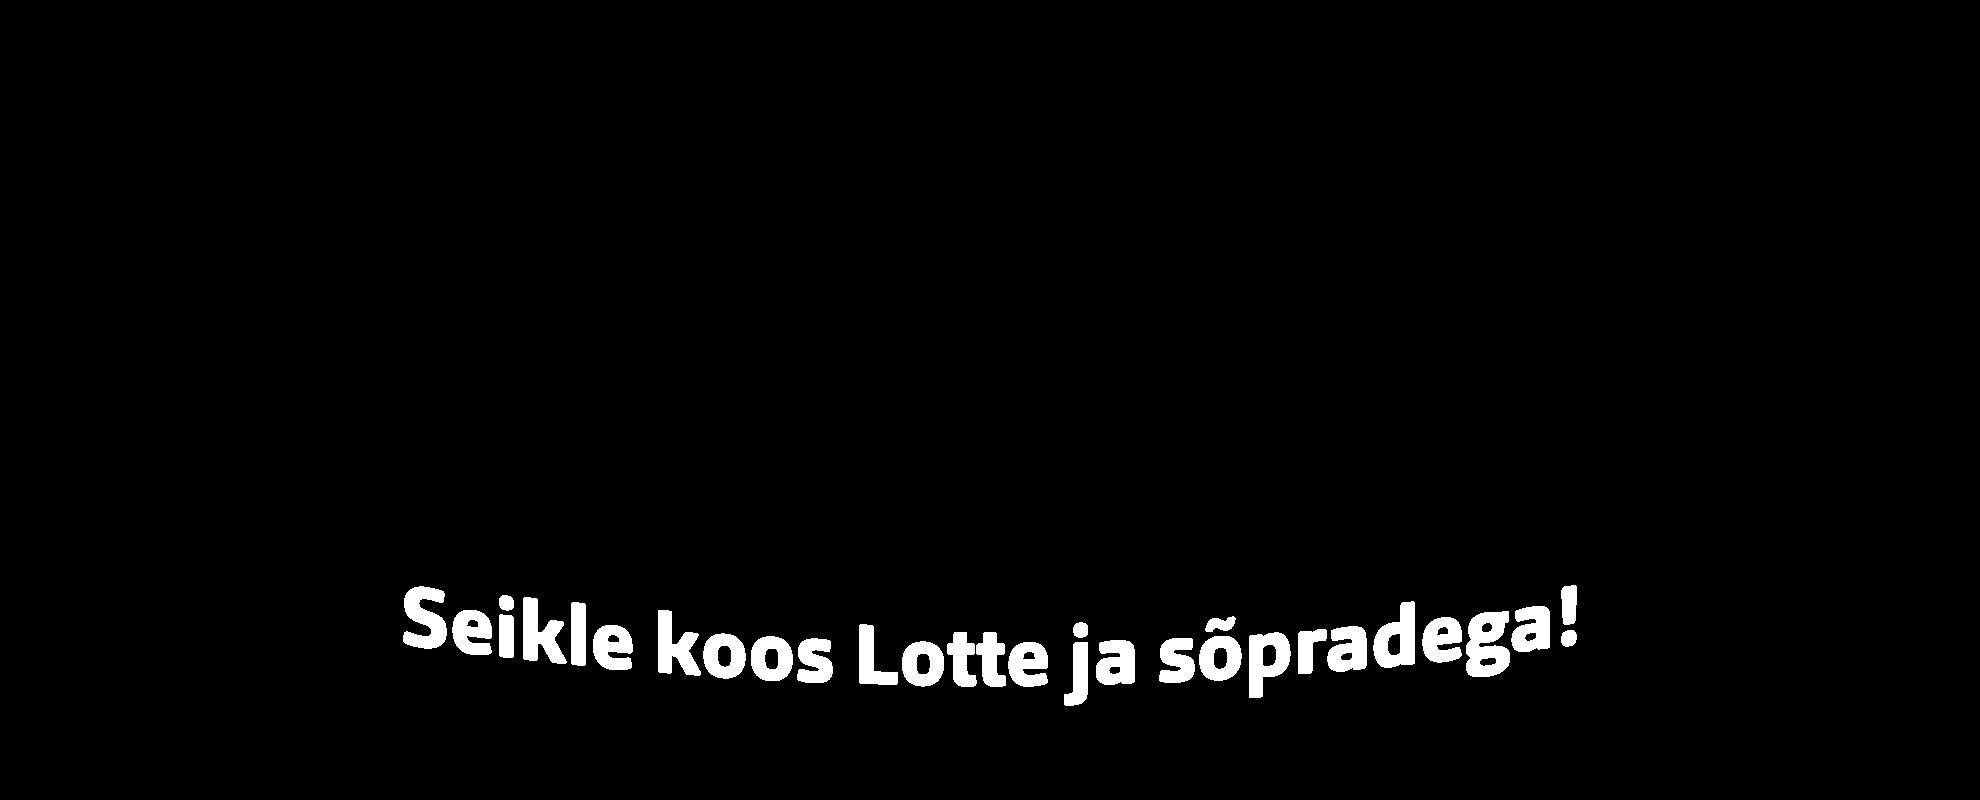 Lotte_banner_tekst